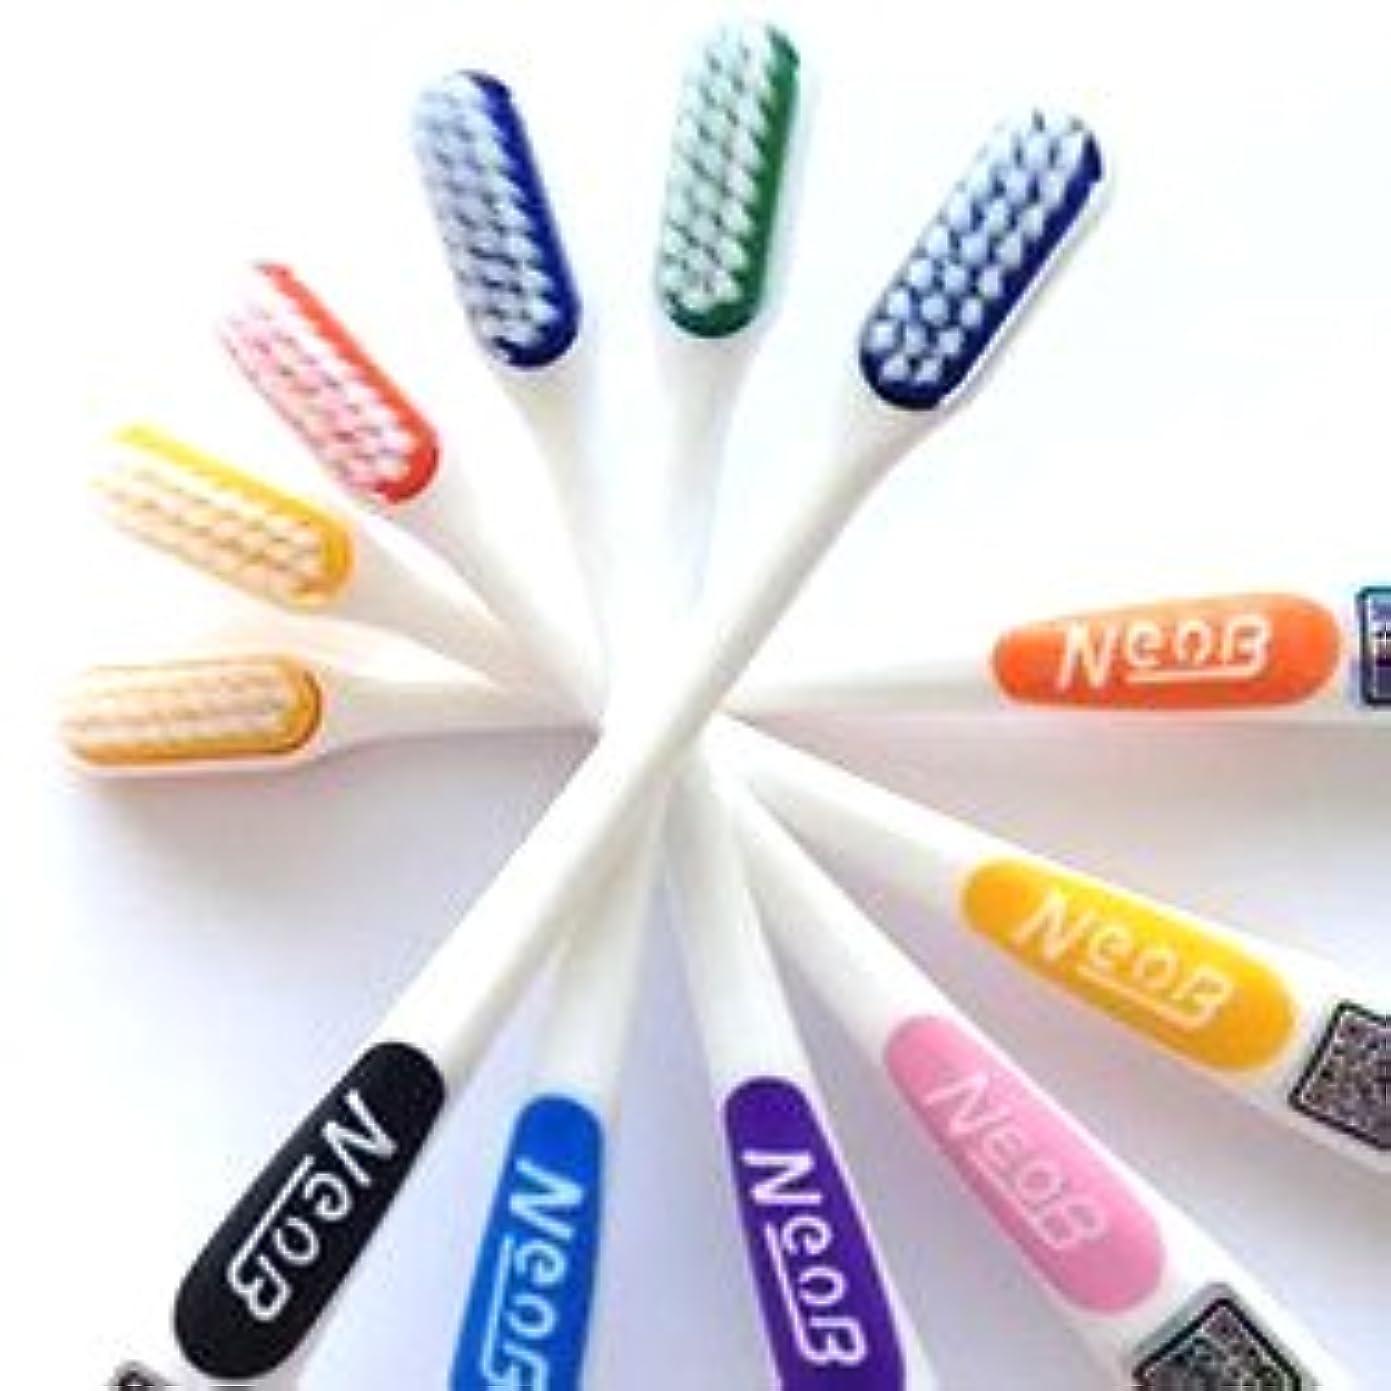 くしゃみ物理的なフィッティングNeoB ネオビー 3列歯ブラシ